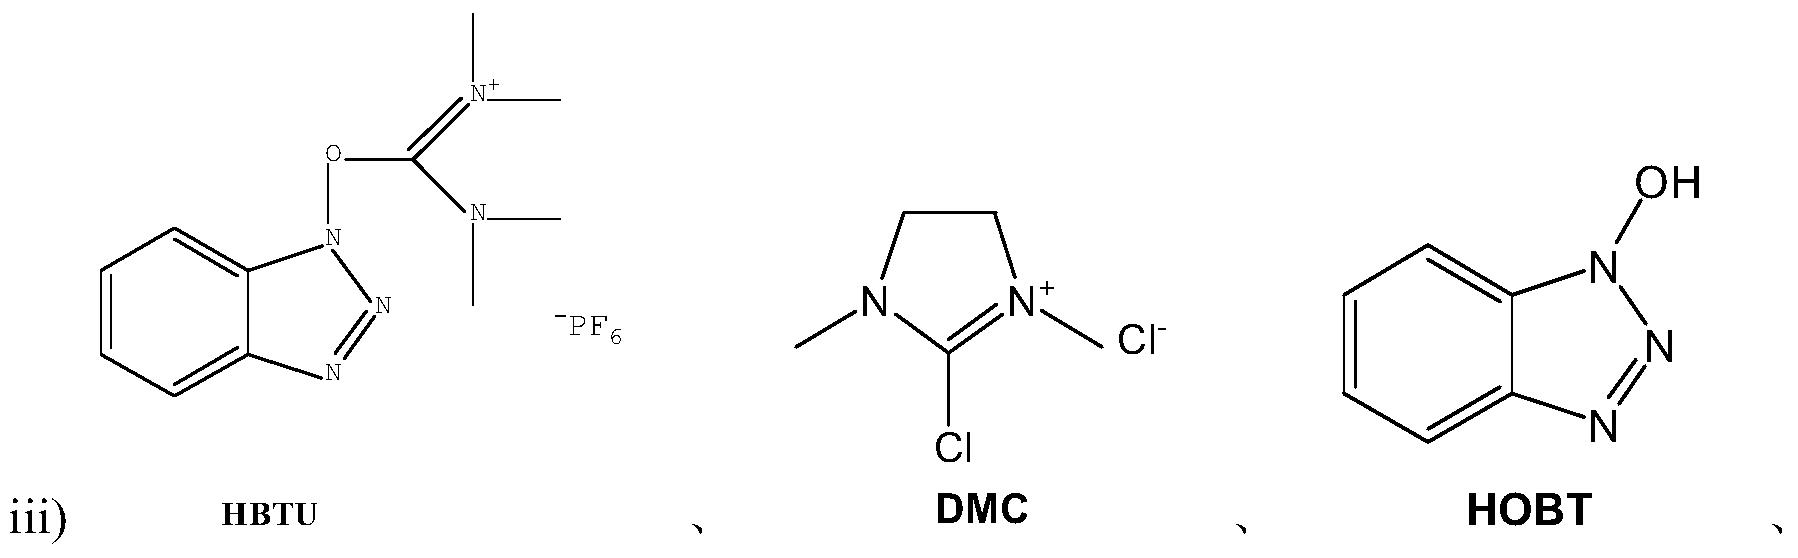 Figure PCTCN2017084604-appb-000038